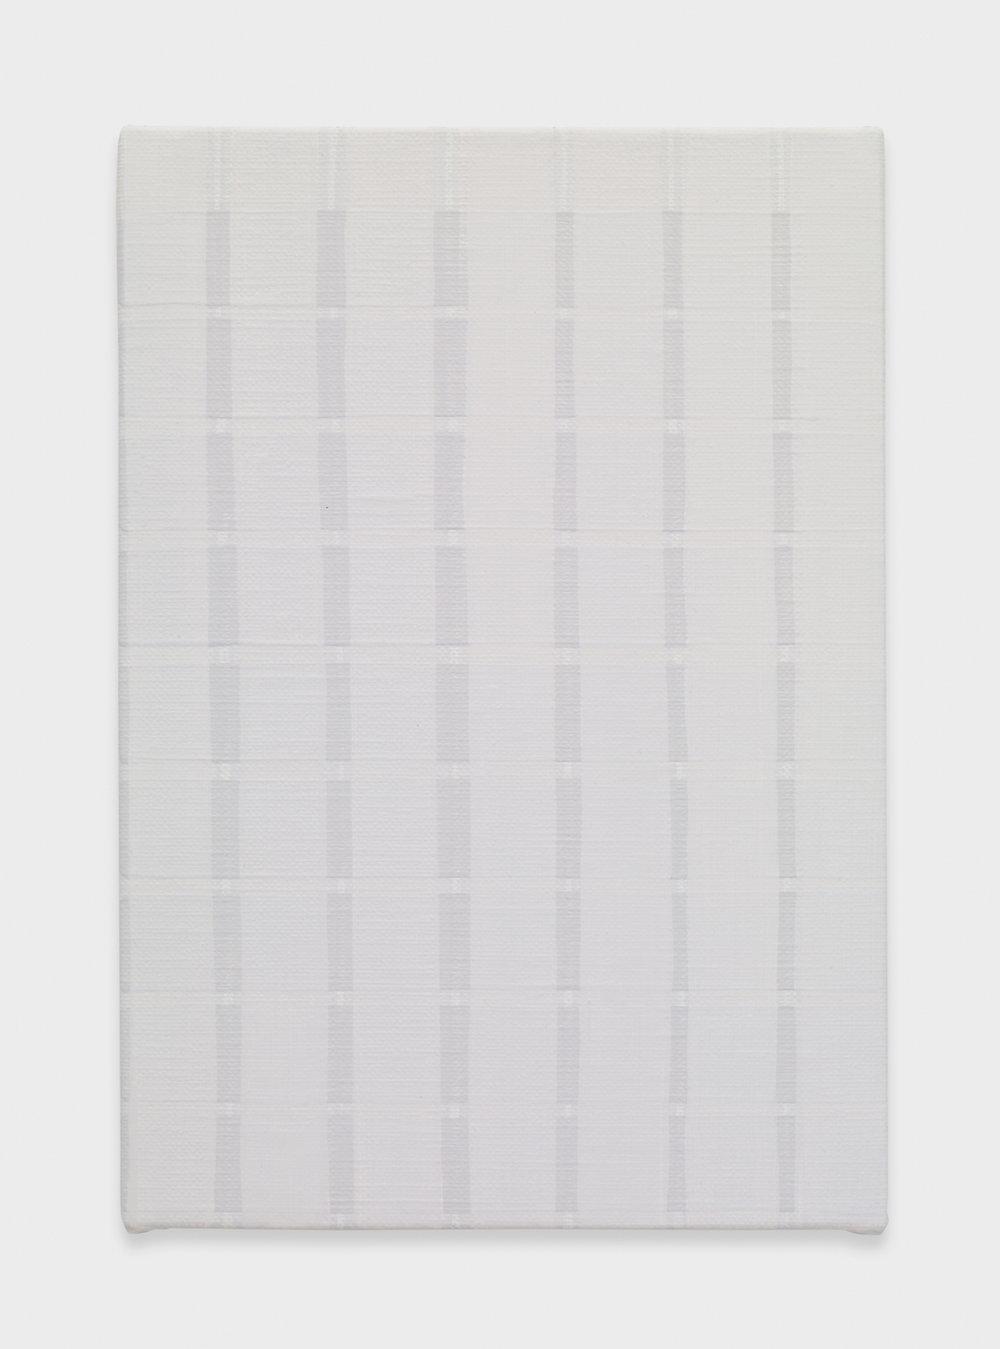 Yui Yaegashi  Knife  2017 Oil on canvas 7 ¼h x 4w in YY089